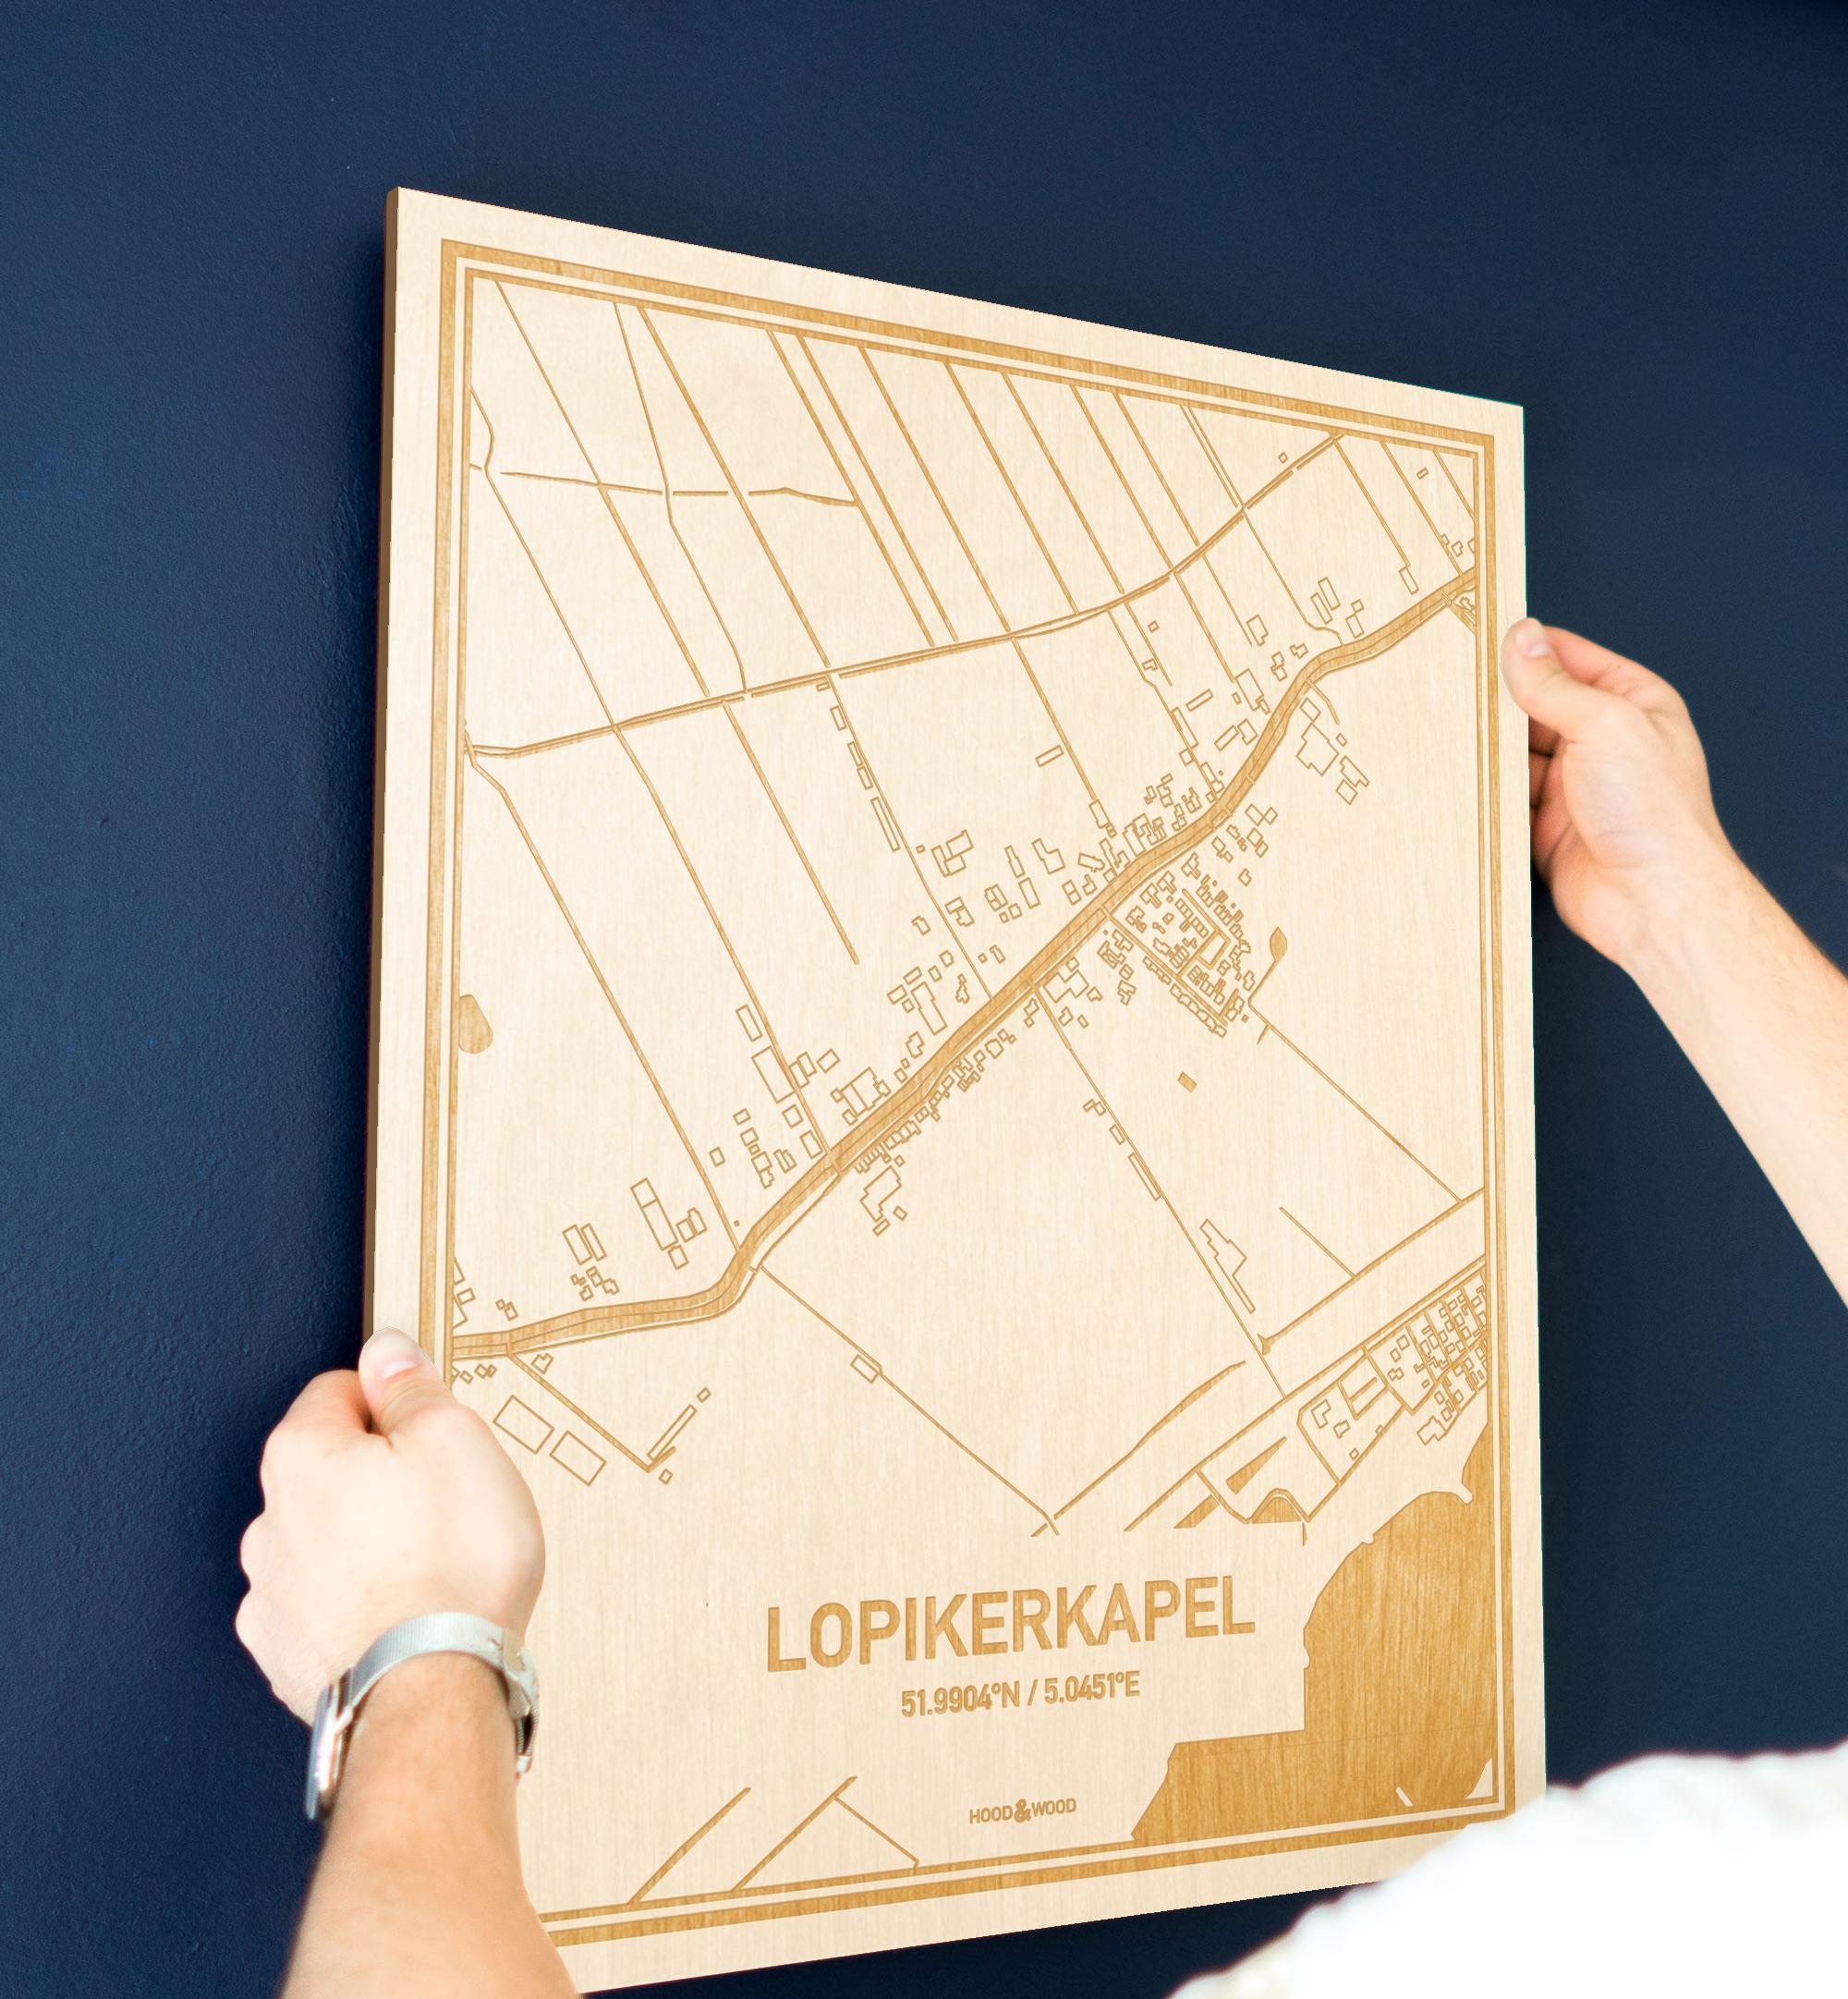 Een man hangt de houten plattegrond Lopikerkapel aan zijn blauwe muur ter decoratie. Je ziet alleen zijn handen de kaart van deze prachtige in Utrecht vasthouden.